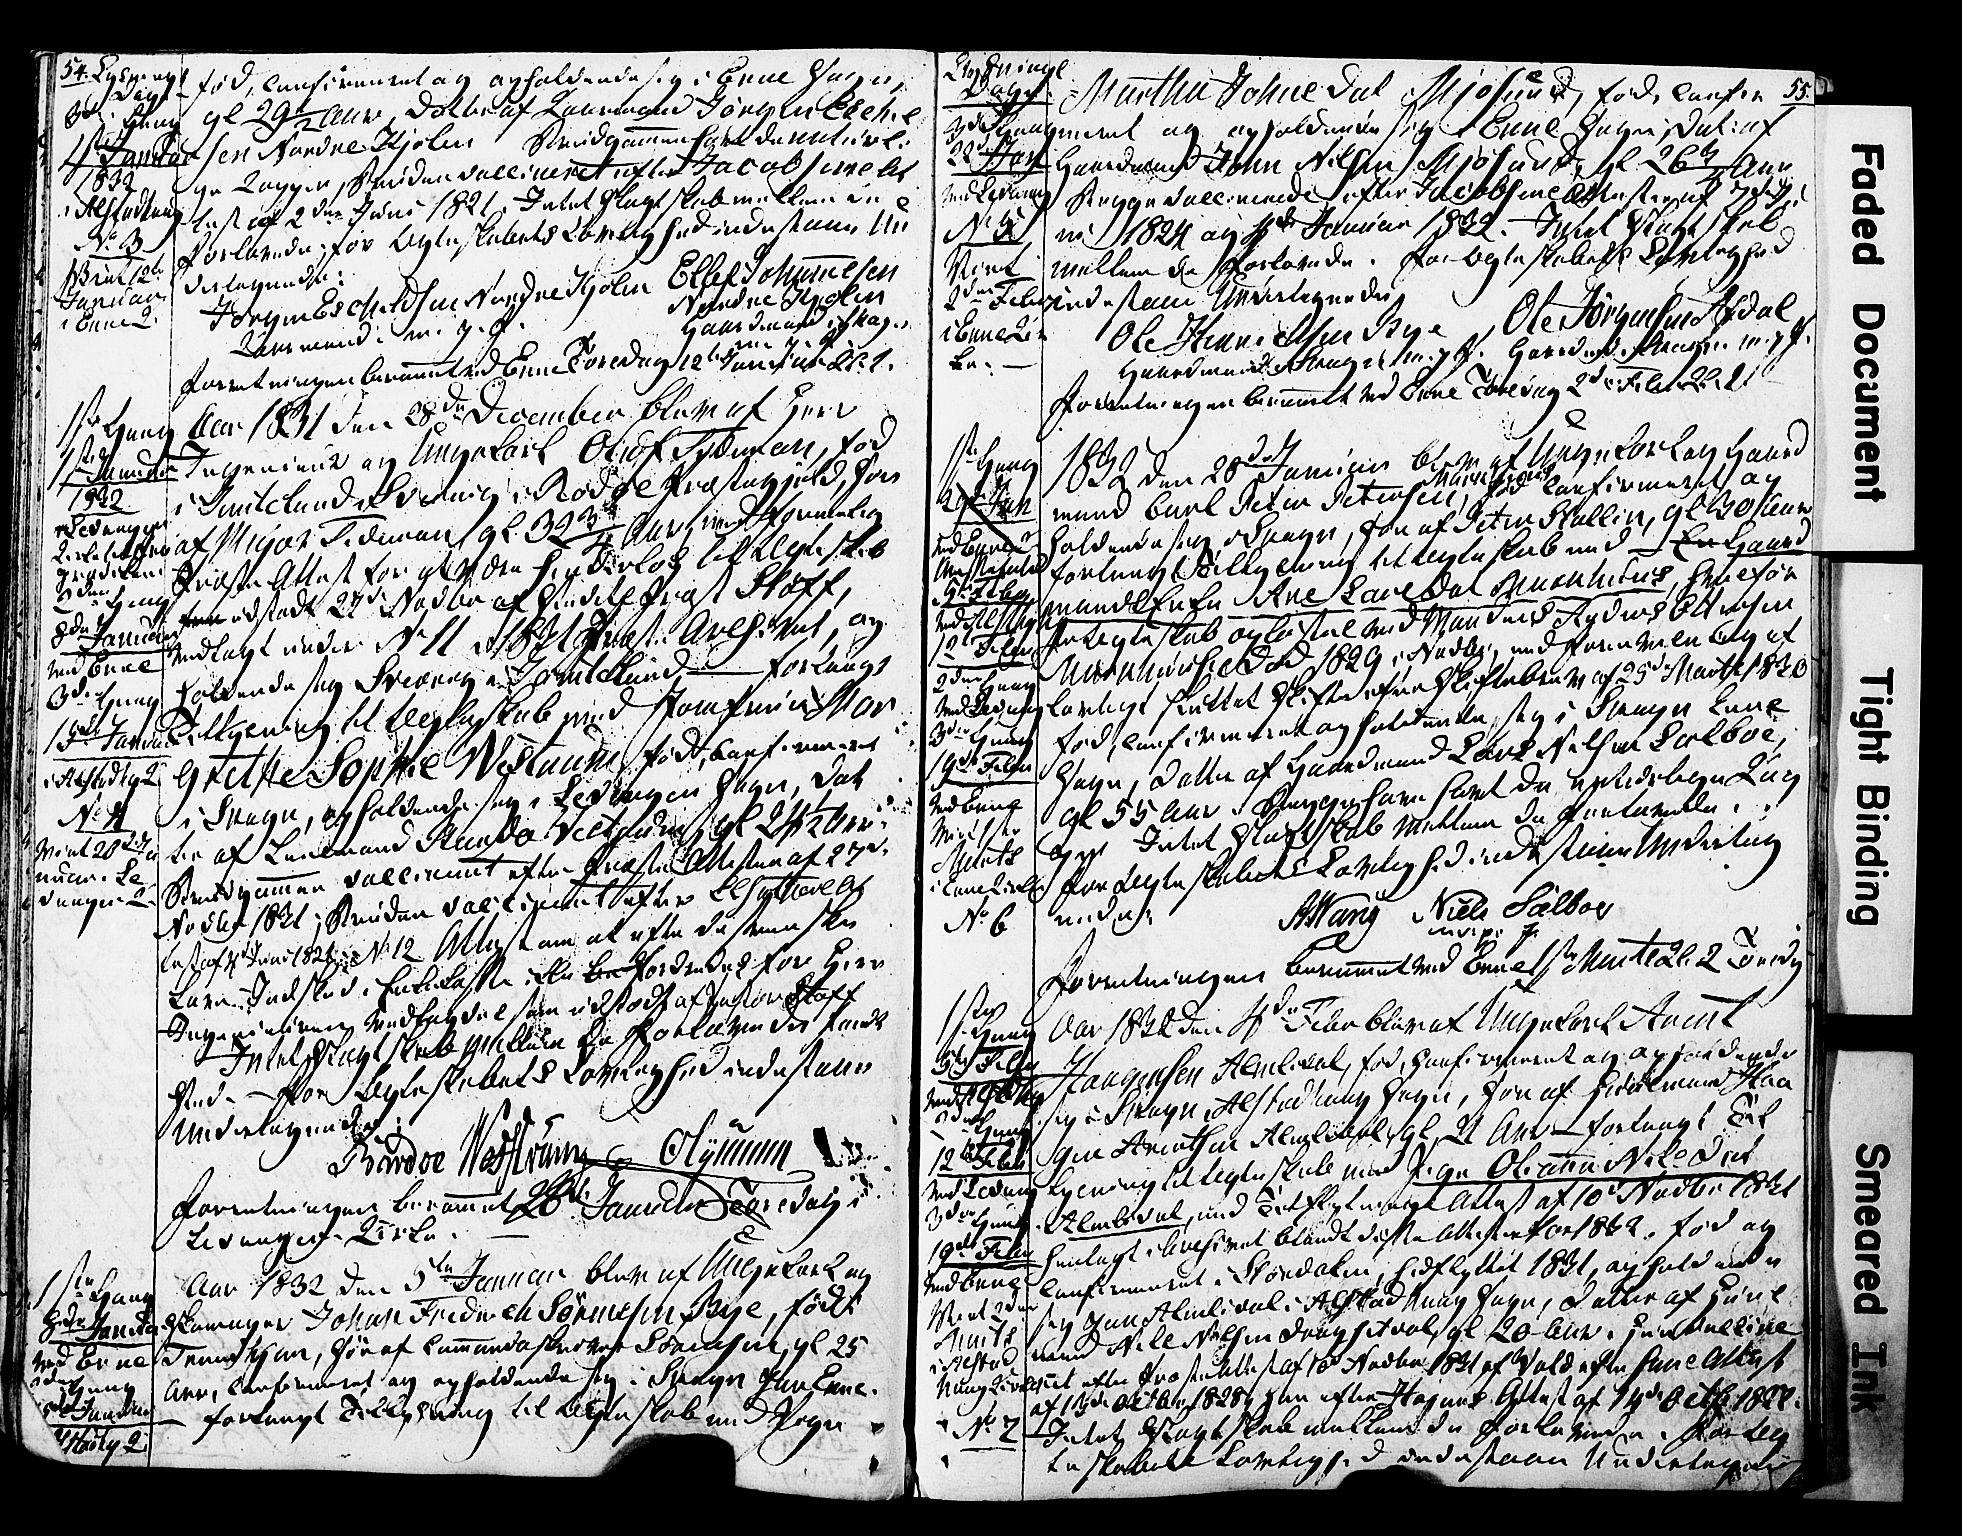 SAT, Ministerialprotokoller, klokkerbøker og fødselsregistre - Nord-Trøndelag, 717/L0160: Forlovererklæringer nr. 717A10, 1828-1850, s. 54-55